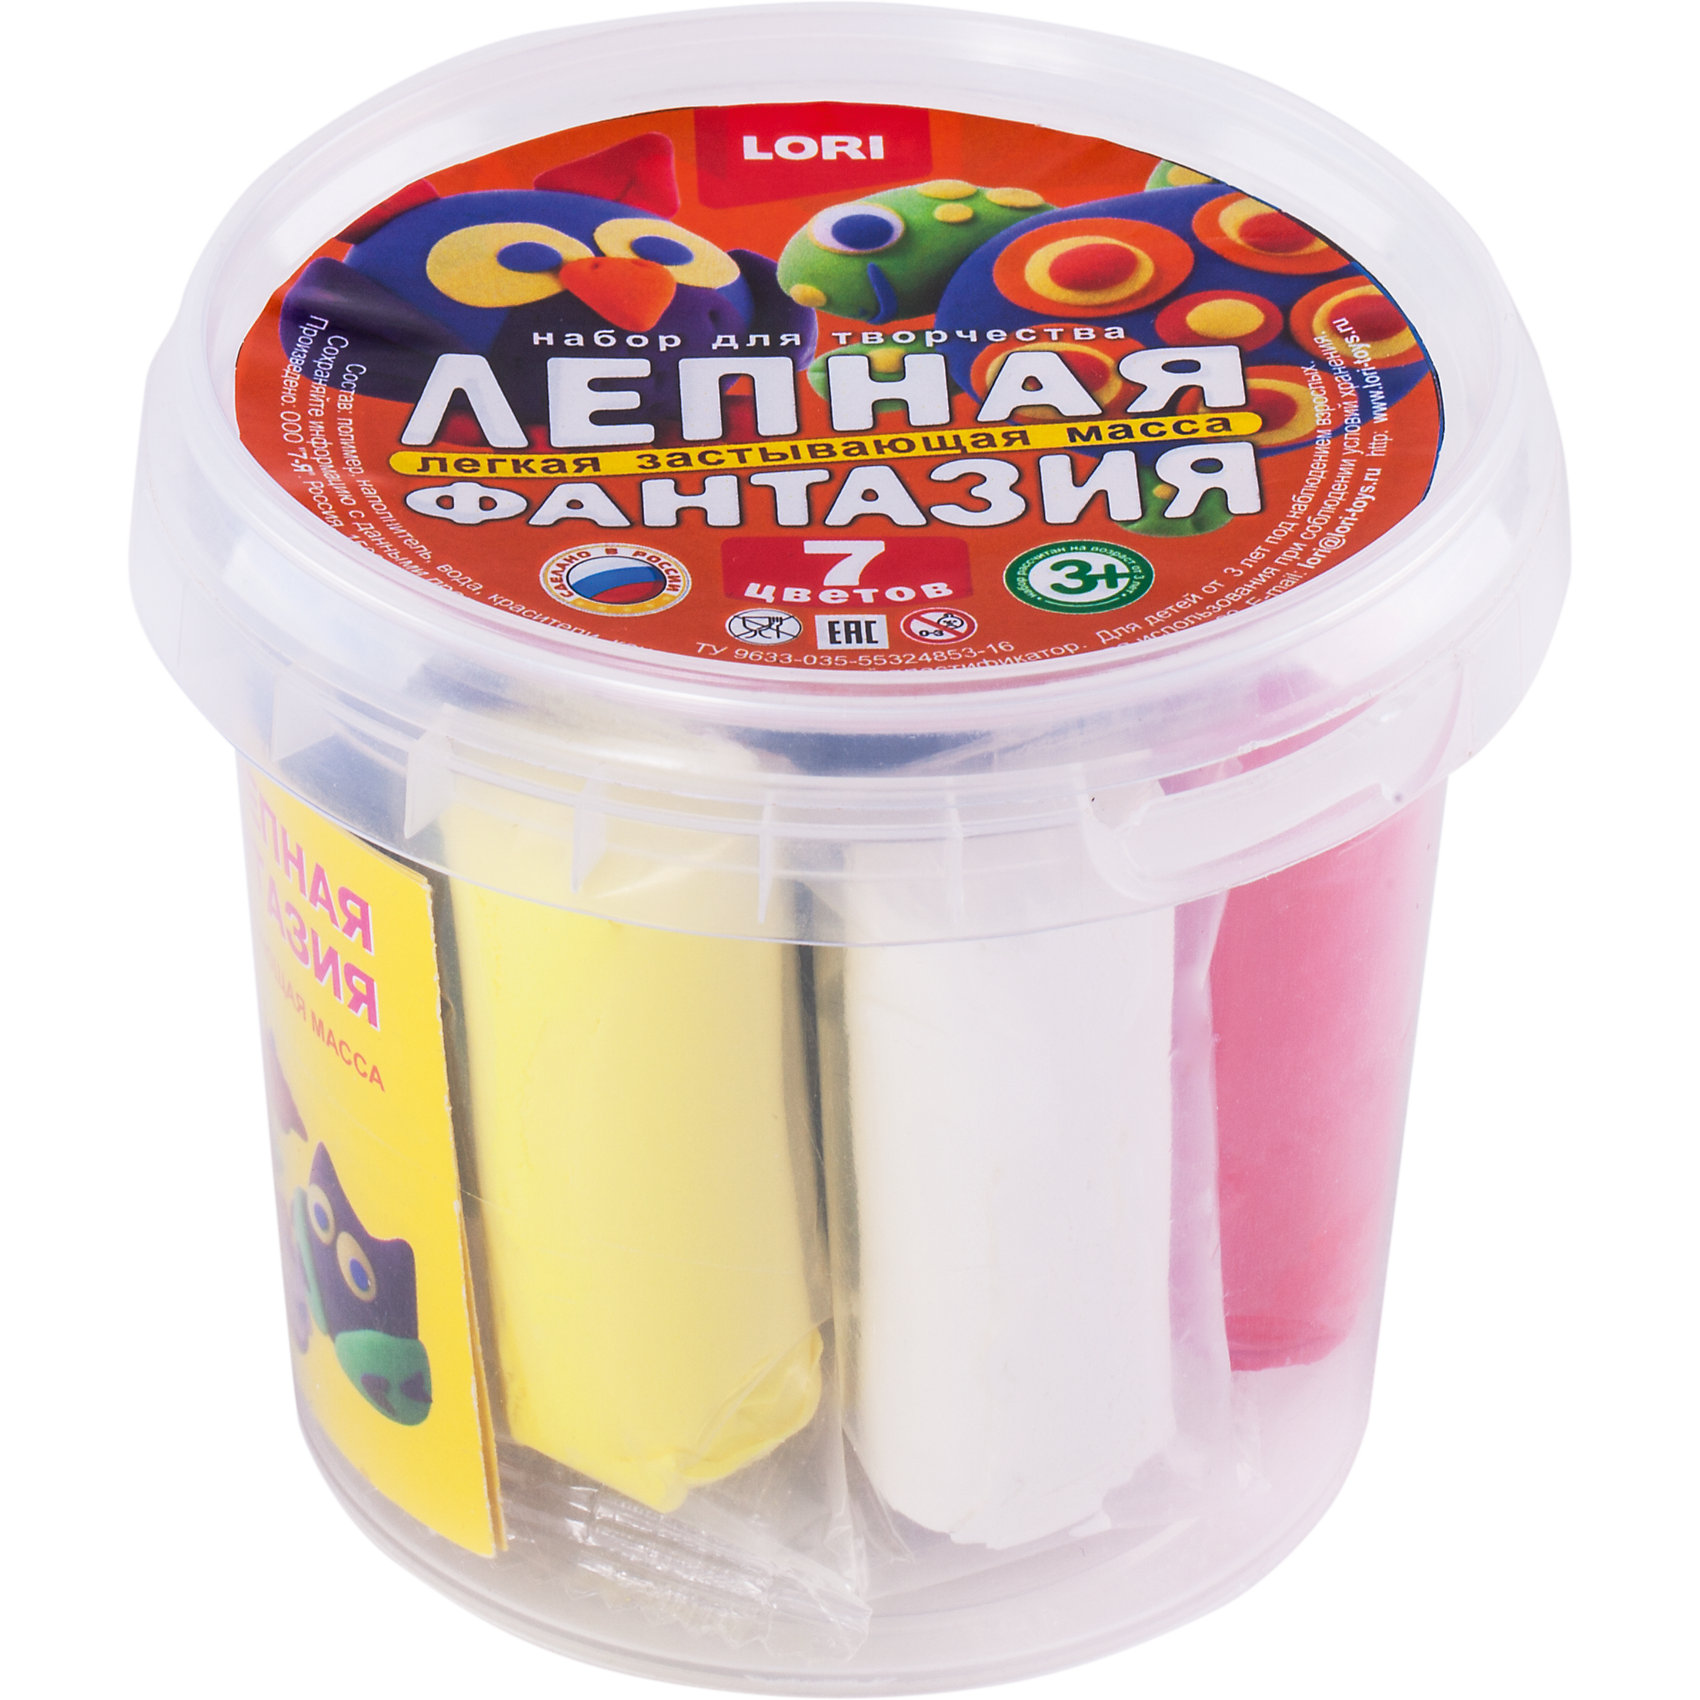 Масса для лепки Лепная фантазияЛепная фантазия в ведре, 7 цветов по 6 гр.<br><br>Характеристики:<br><br>• Возраст: от 3 лет<br>• В наборе: пластилин 7 цветов по 6 гр, стек, деревянные палочки, инструкция<br>• Размер упаковки: 99х85 мм.<br><br>Набор для творчества Лепная фантазия от бренда LORI включает в себя 7 разноцветных брусков пластилина, находящихся в пластиковом ведре. Пластилин хорошо мнется, не прилипает рукам и одежде. Пластилин быстро застывает на воздухе, и готовая поделка из него может занять свое место в коллекции фигурок на полке в детской комнате. <br><br>Лепка - занятие не только веселое и увлекательное, но и полезное! Оно помогает детям развивать усидчивость, воображение, образное восприятие мира, а также мелкую моторику рук.<br><br>Набор Лепная фантазия в ведре, 7 цветов по 6 гр. можно купить в нашем интернет-магазине.<br><br>Ширина мм: 9999<br>Глубина мм: 99<br>Высота мм: 85<br>Вес г: 1040<br>Возраст от месяцев: 36<br>Возраст до месяцев: 2147483647<br>Пол: Унисекс<br>Возраст: Детский<br>SKU: 5514602